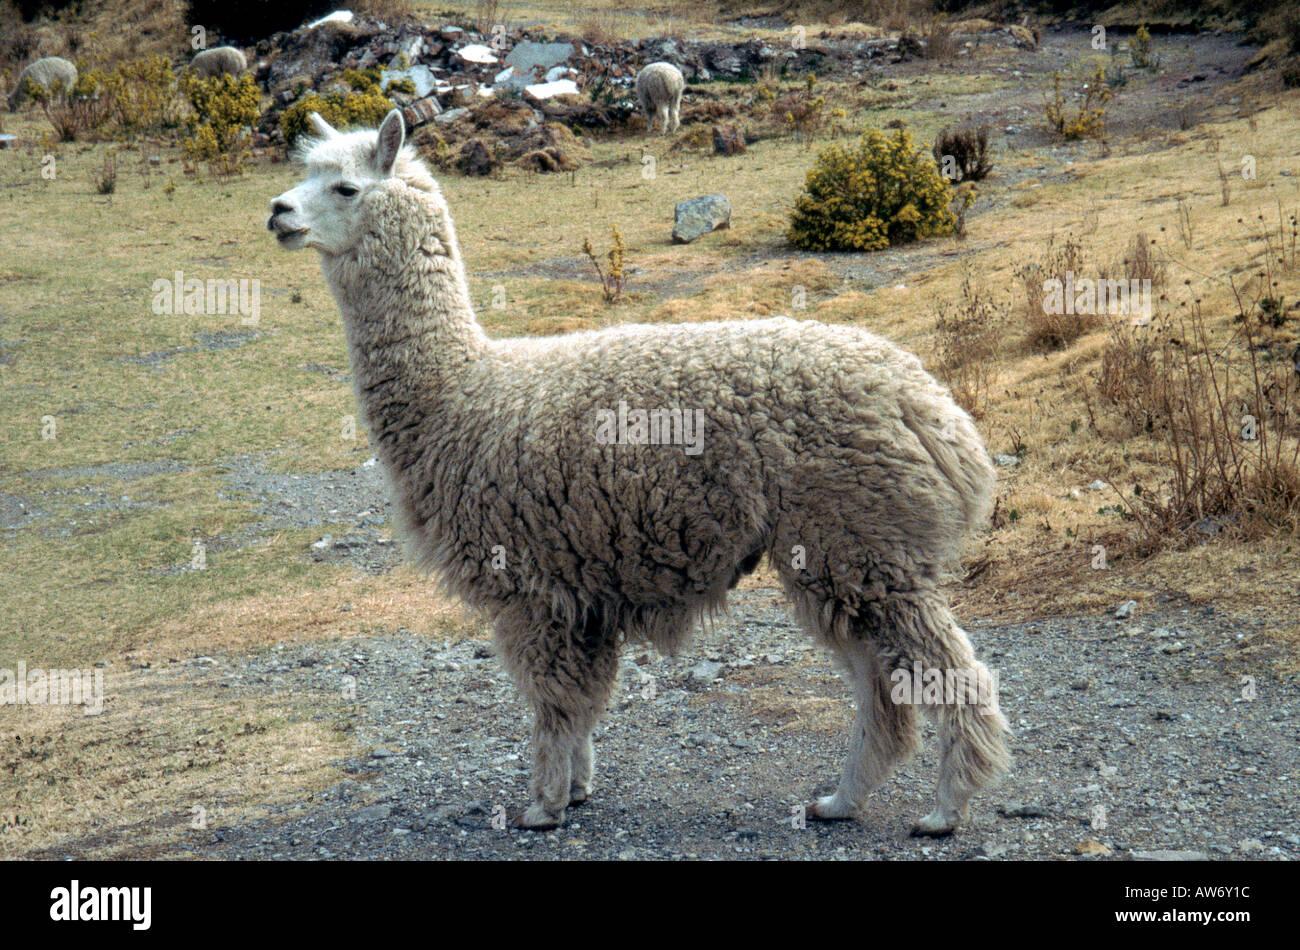 ALPACA  Lama pacos near Arica, Chile - Stock Image